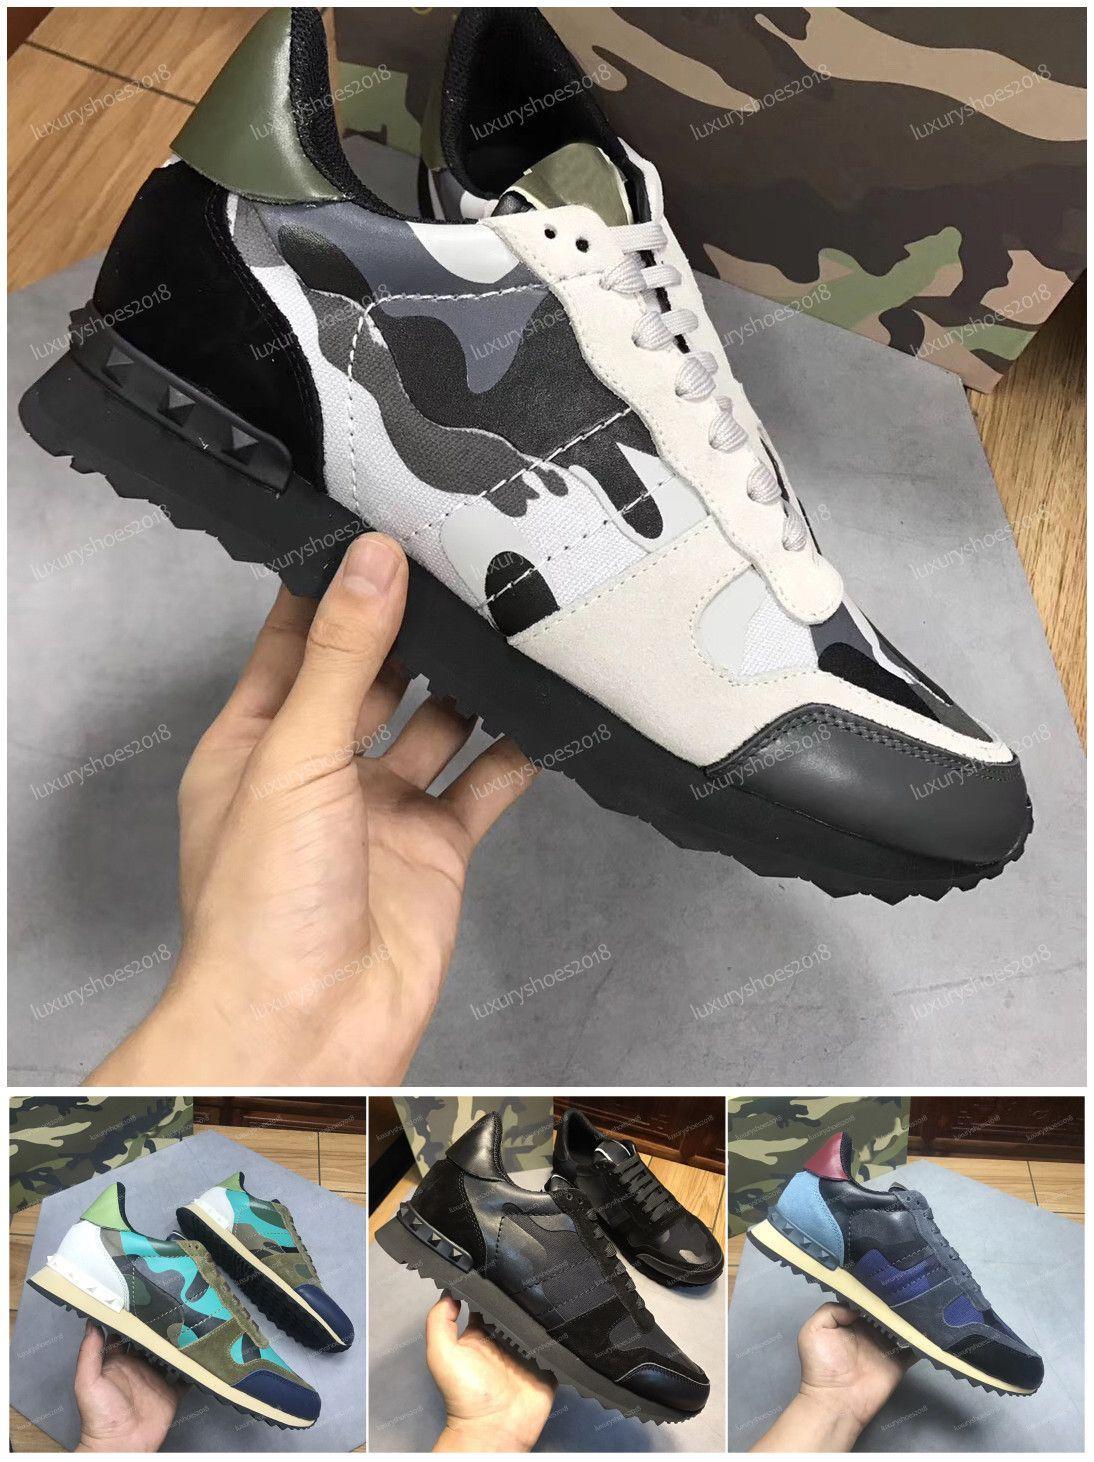 New Color Camo pelle scamosciata borchie camuffamento Roccia corridore della scarpa da tennis scarpe per le donne gli uomini della vite prigioniera dei pattini casuali delle scarpe da tennis chaussures